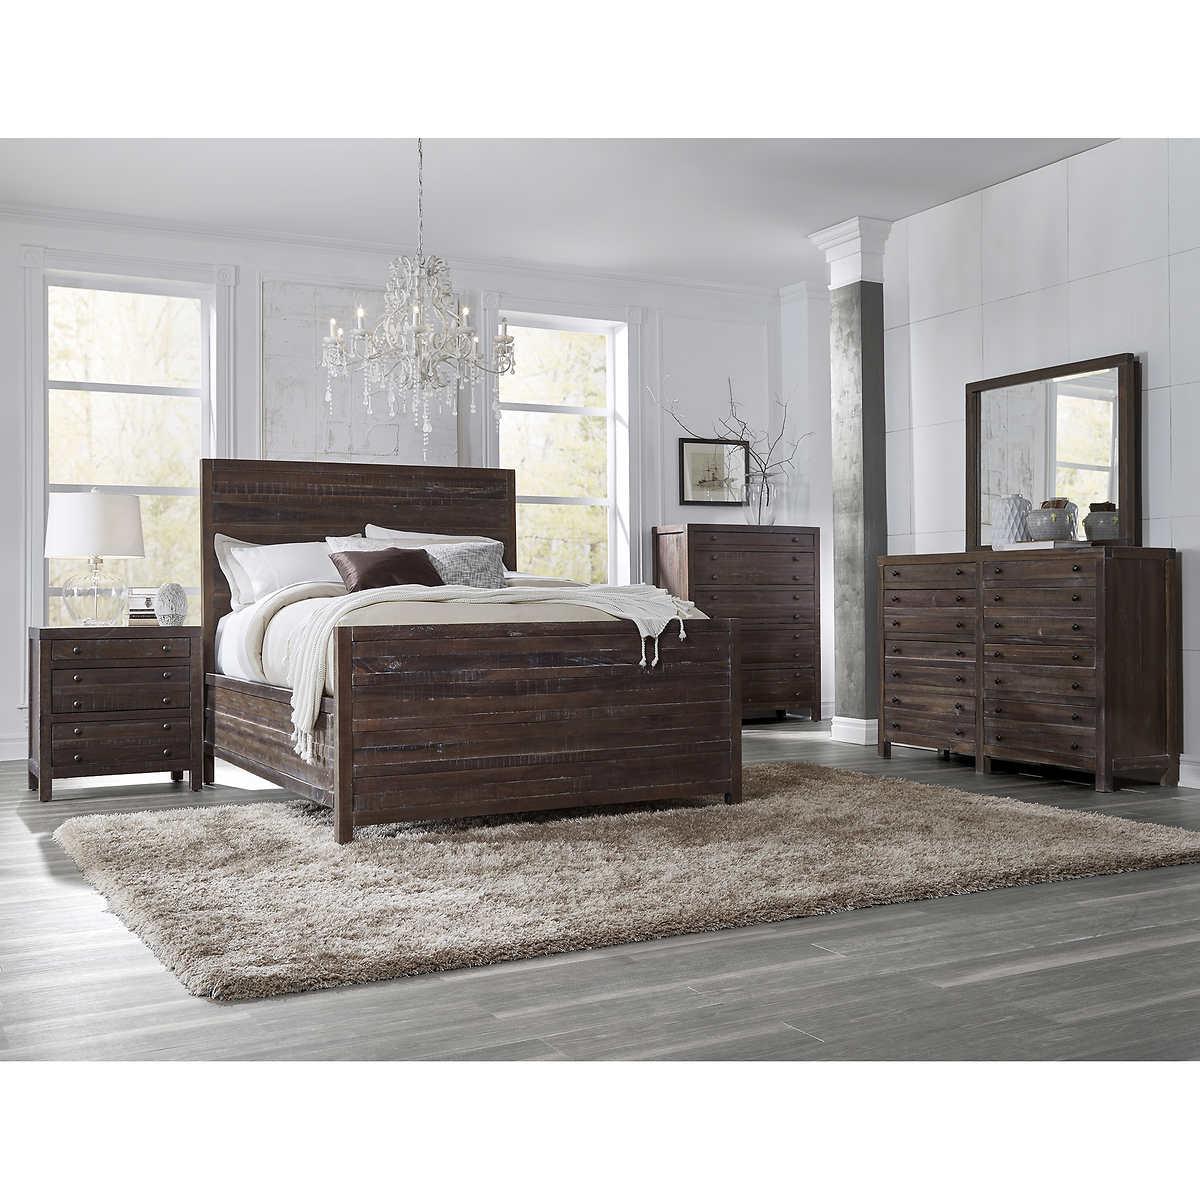 Torsten 6-Piece King Bedroom Set